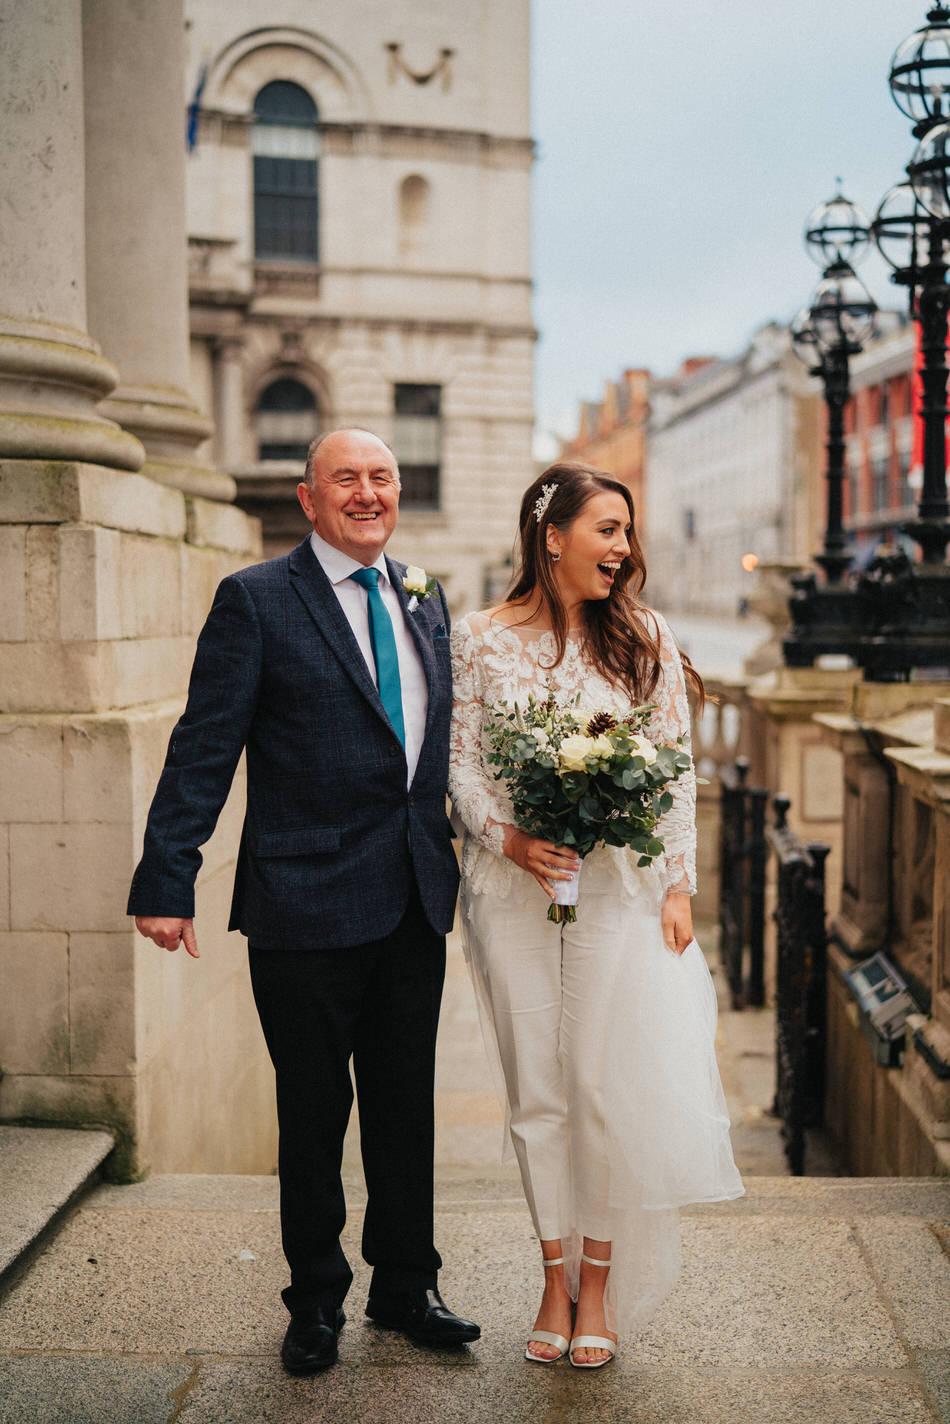 City-hall-dublin-wedding-photos-15 14